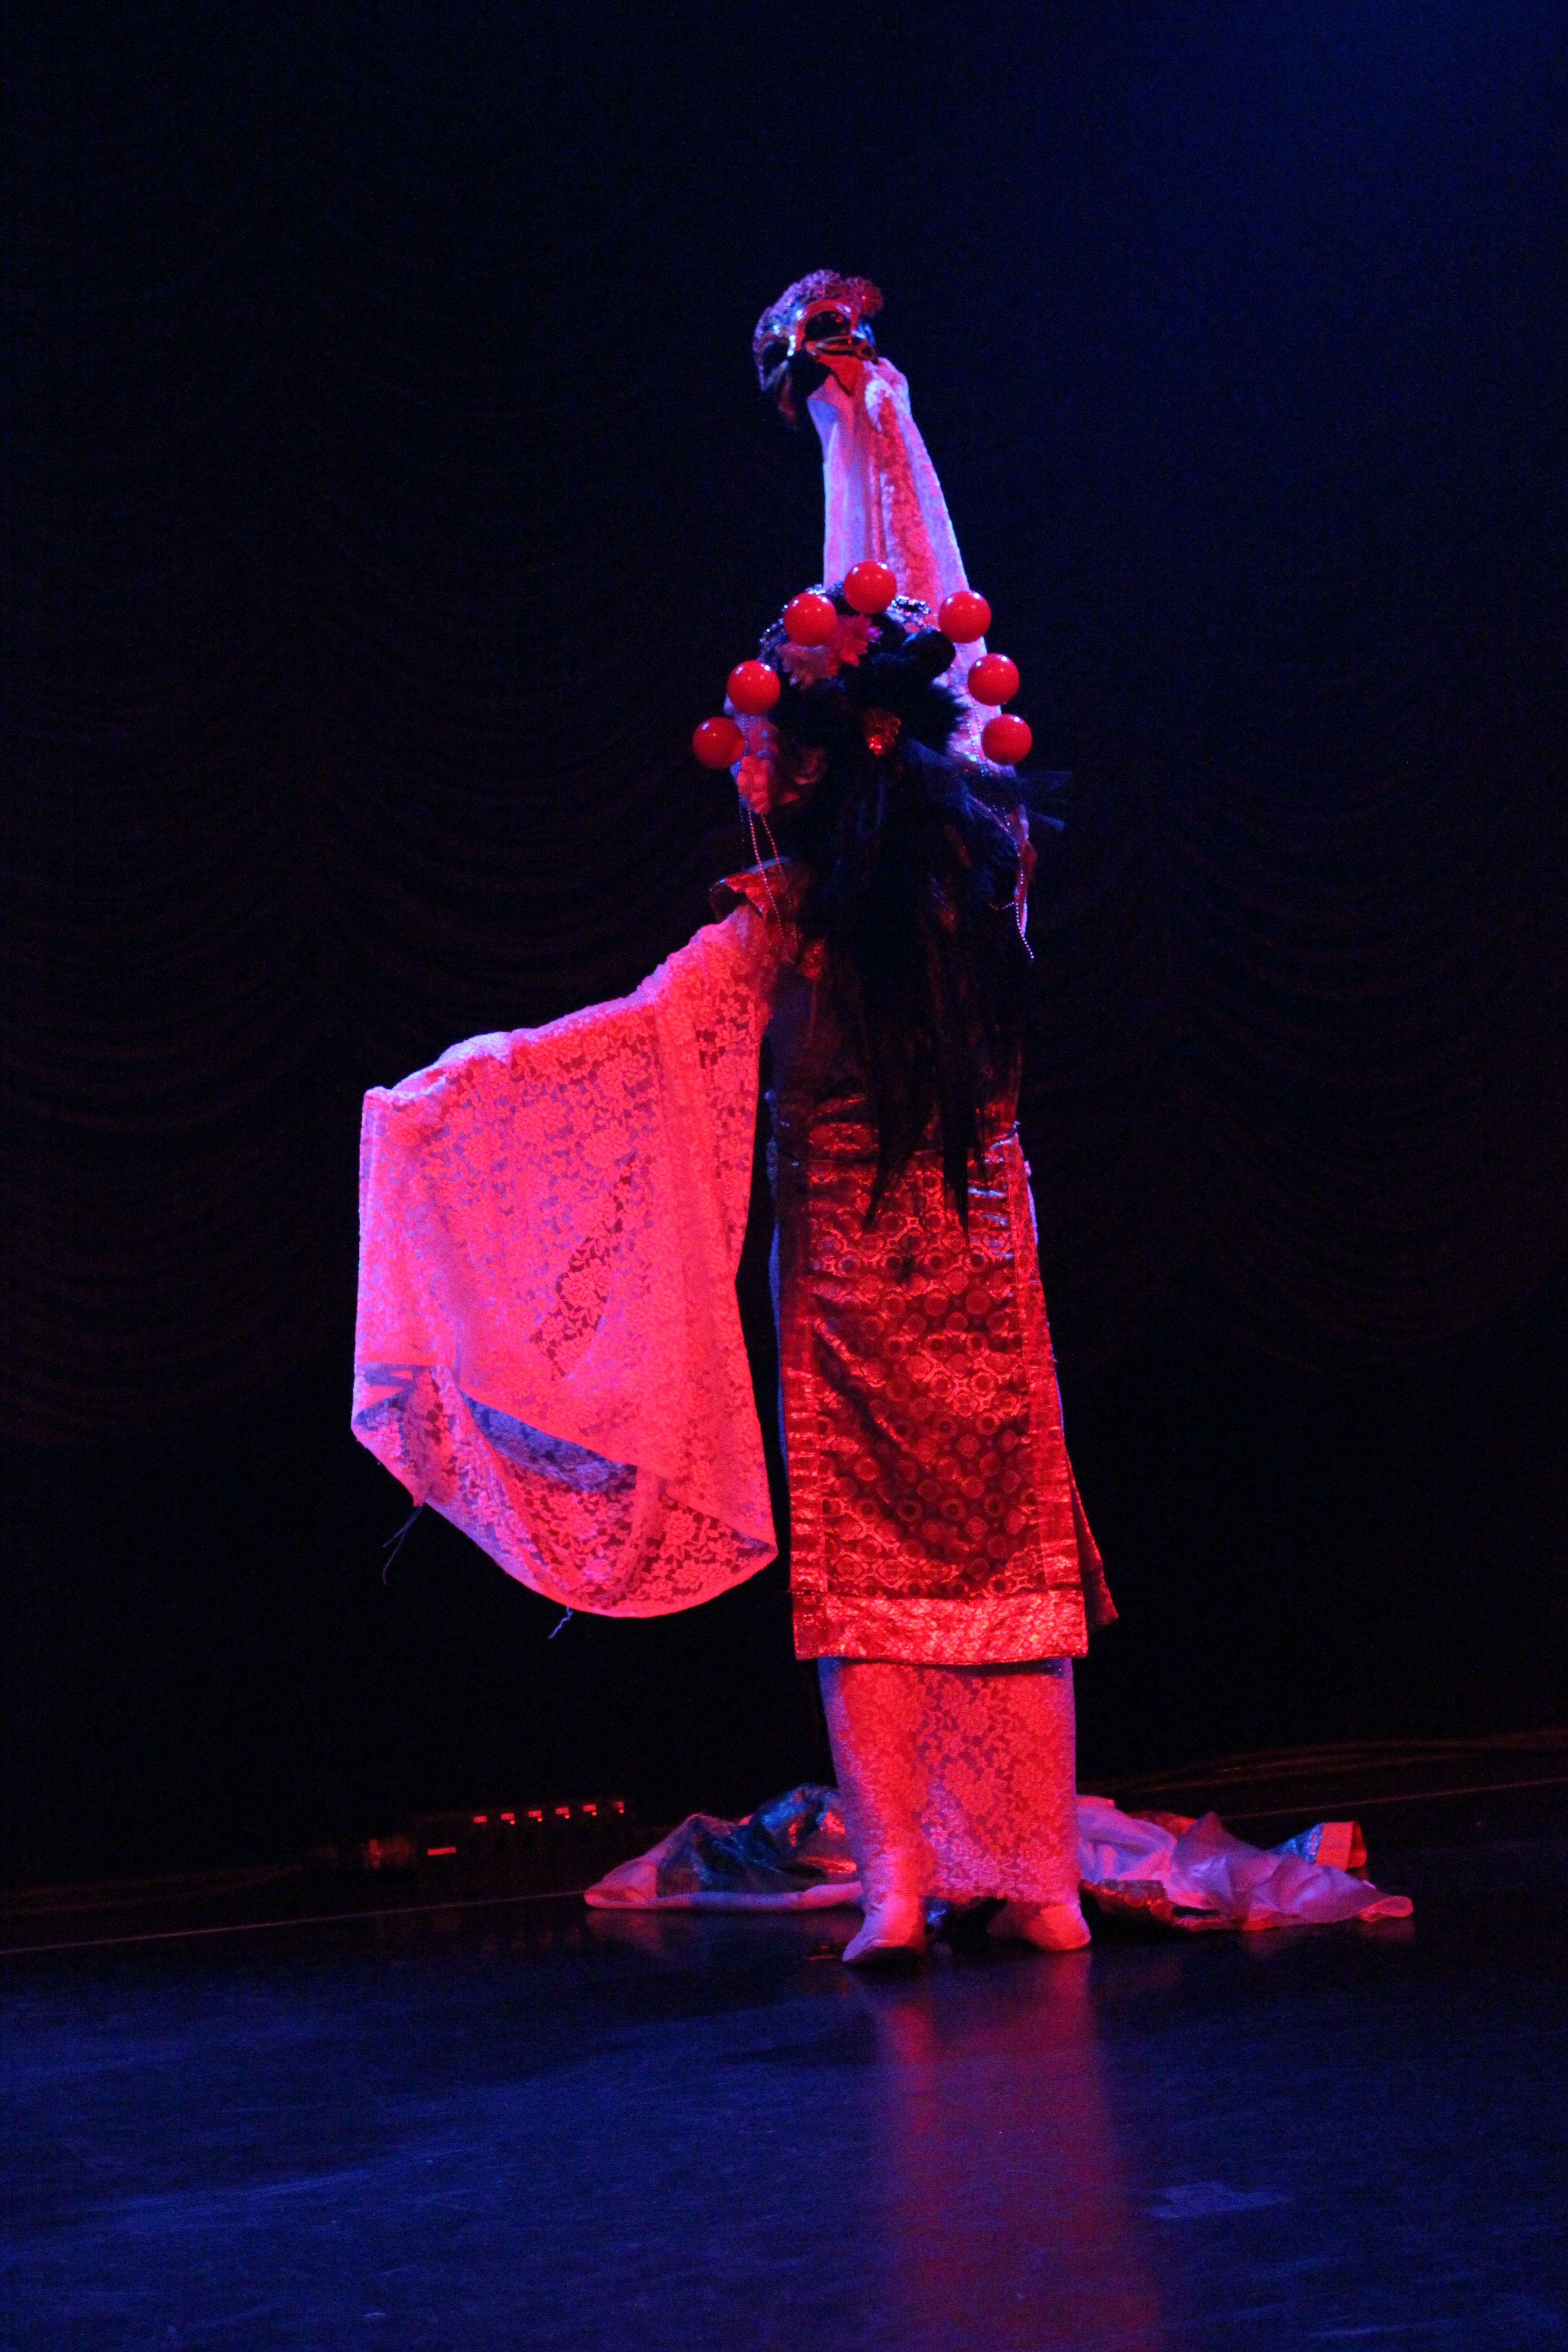 デパートメントH 2099@鶯谷東京キネマ倶楽部 2014年12月~ららみぃさんのファイナルステージ~